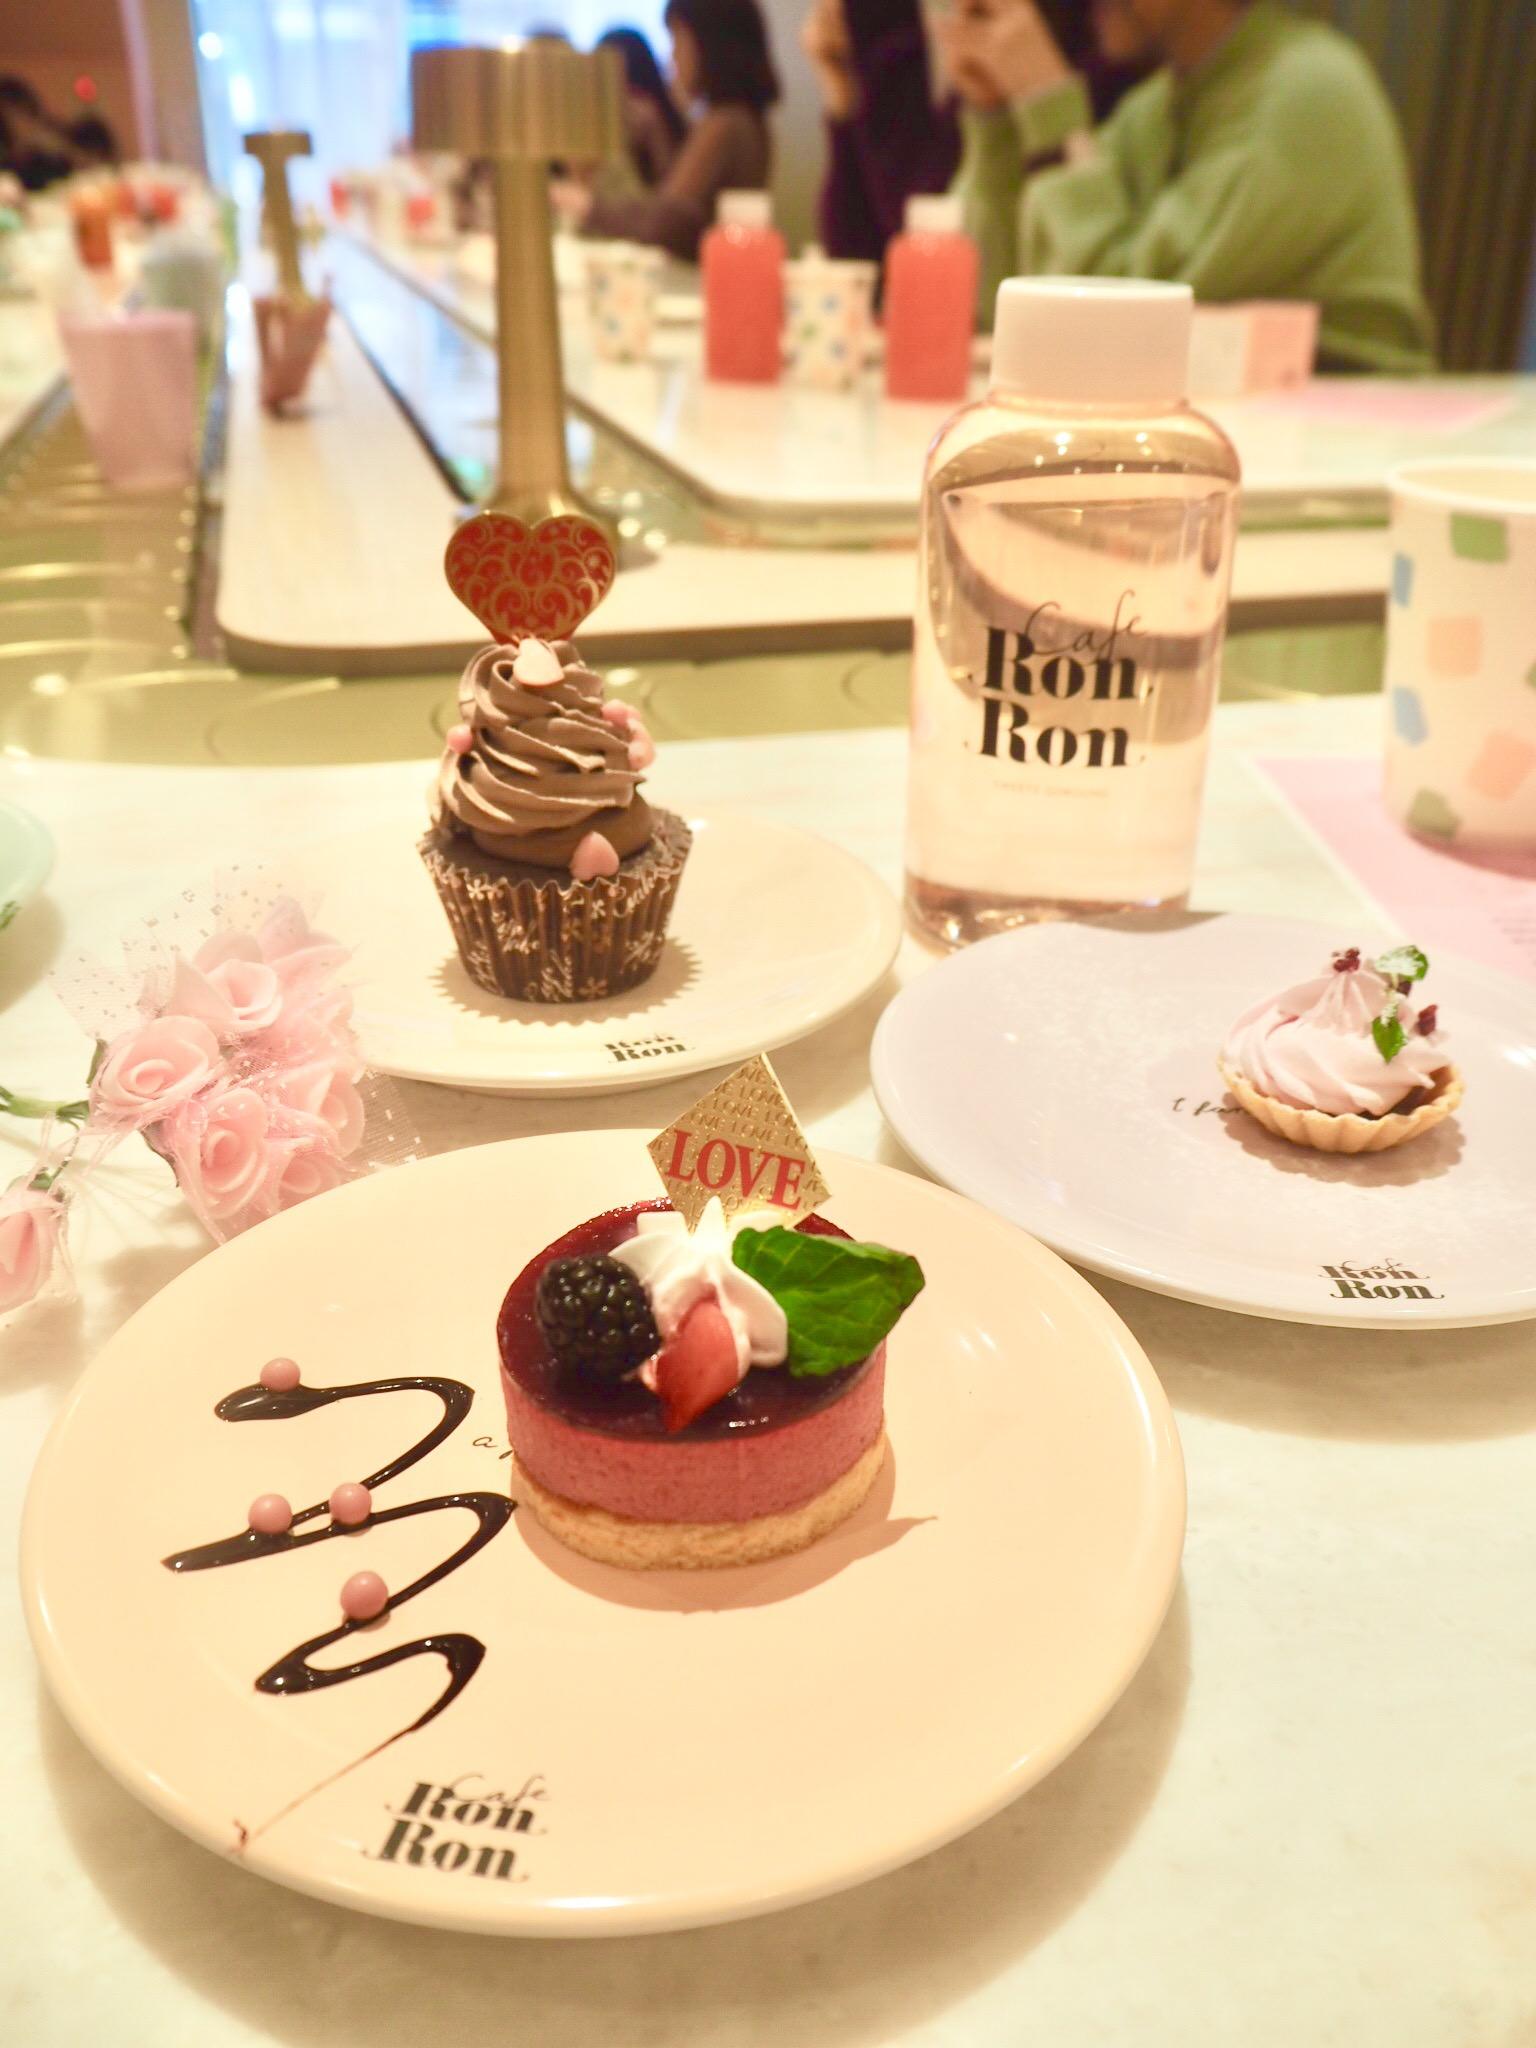 【cafe RON RON】回転スイーツカフェはバレンタインメニューもかわいい!_4